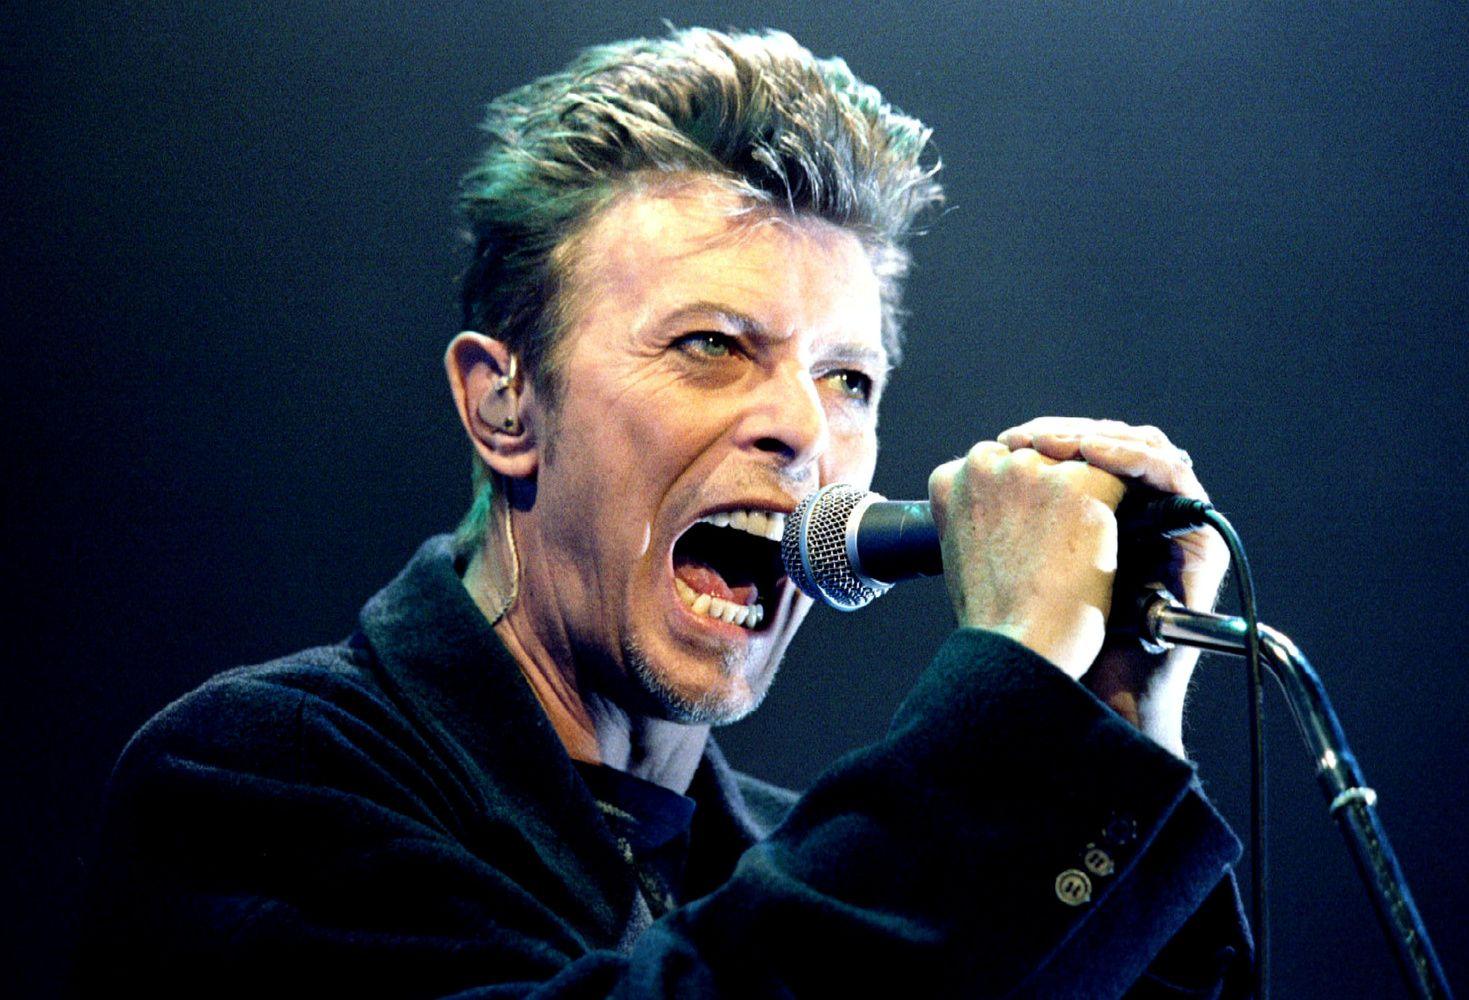 Atrasta juosta su 16-mečio Davido Bowie įrašu atsidurs aukcione